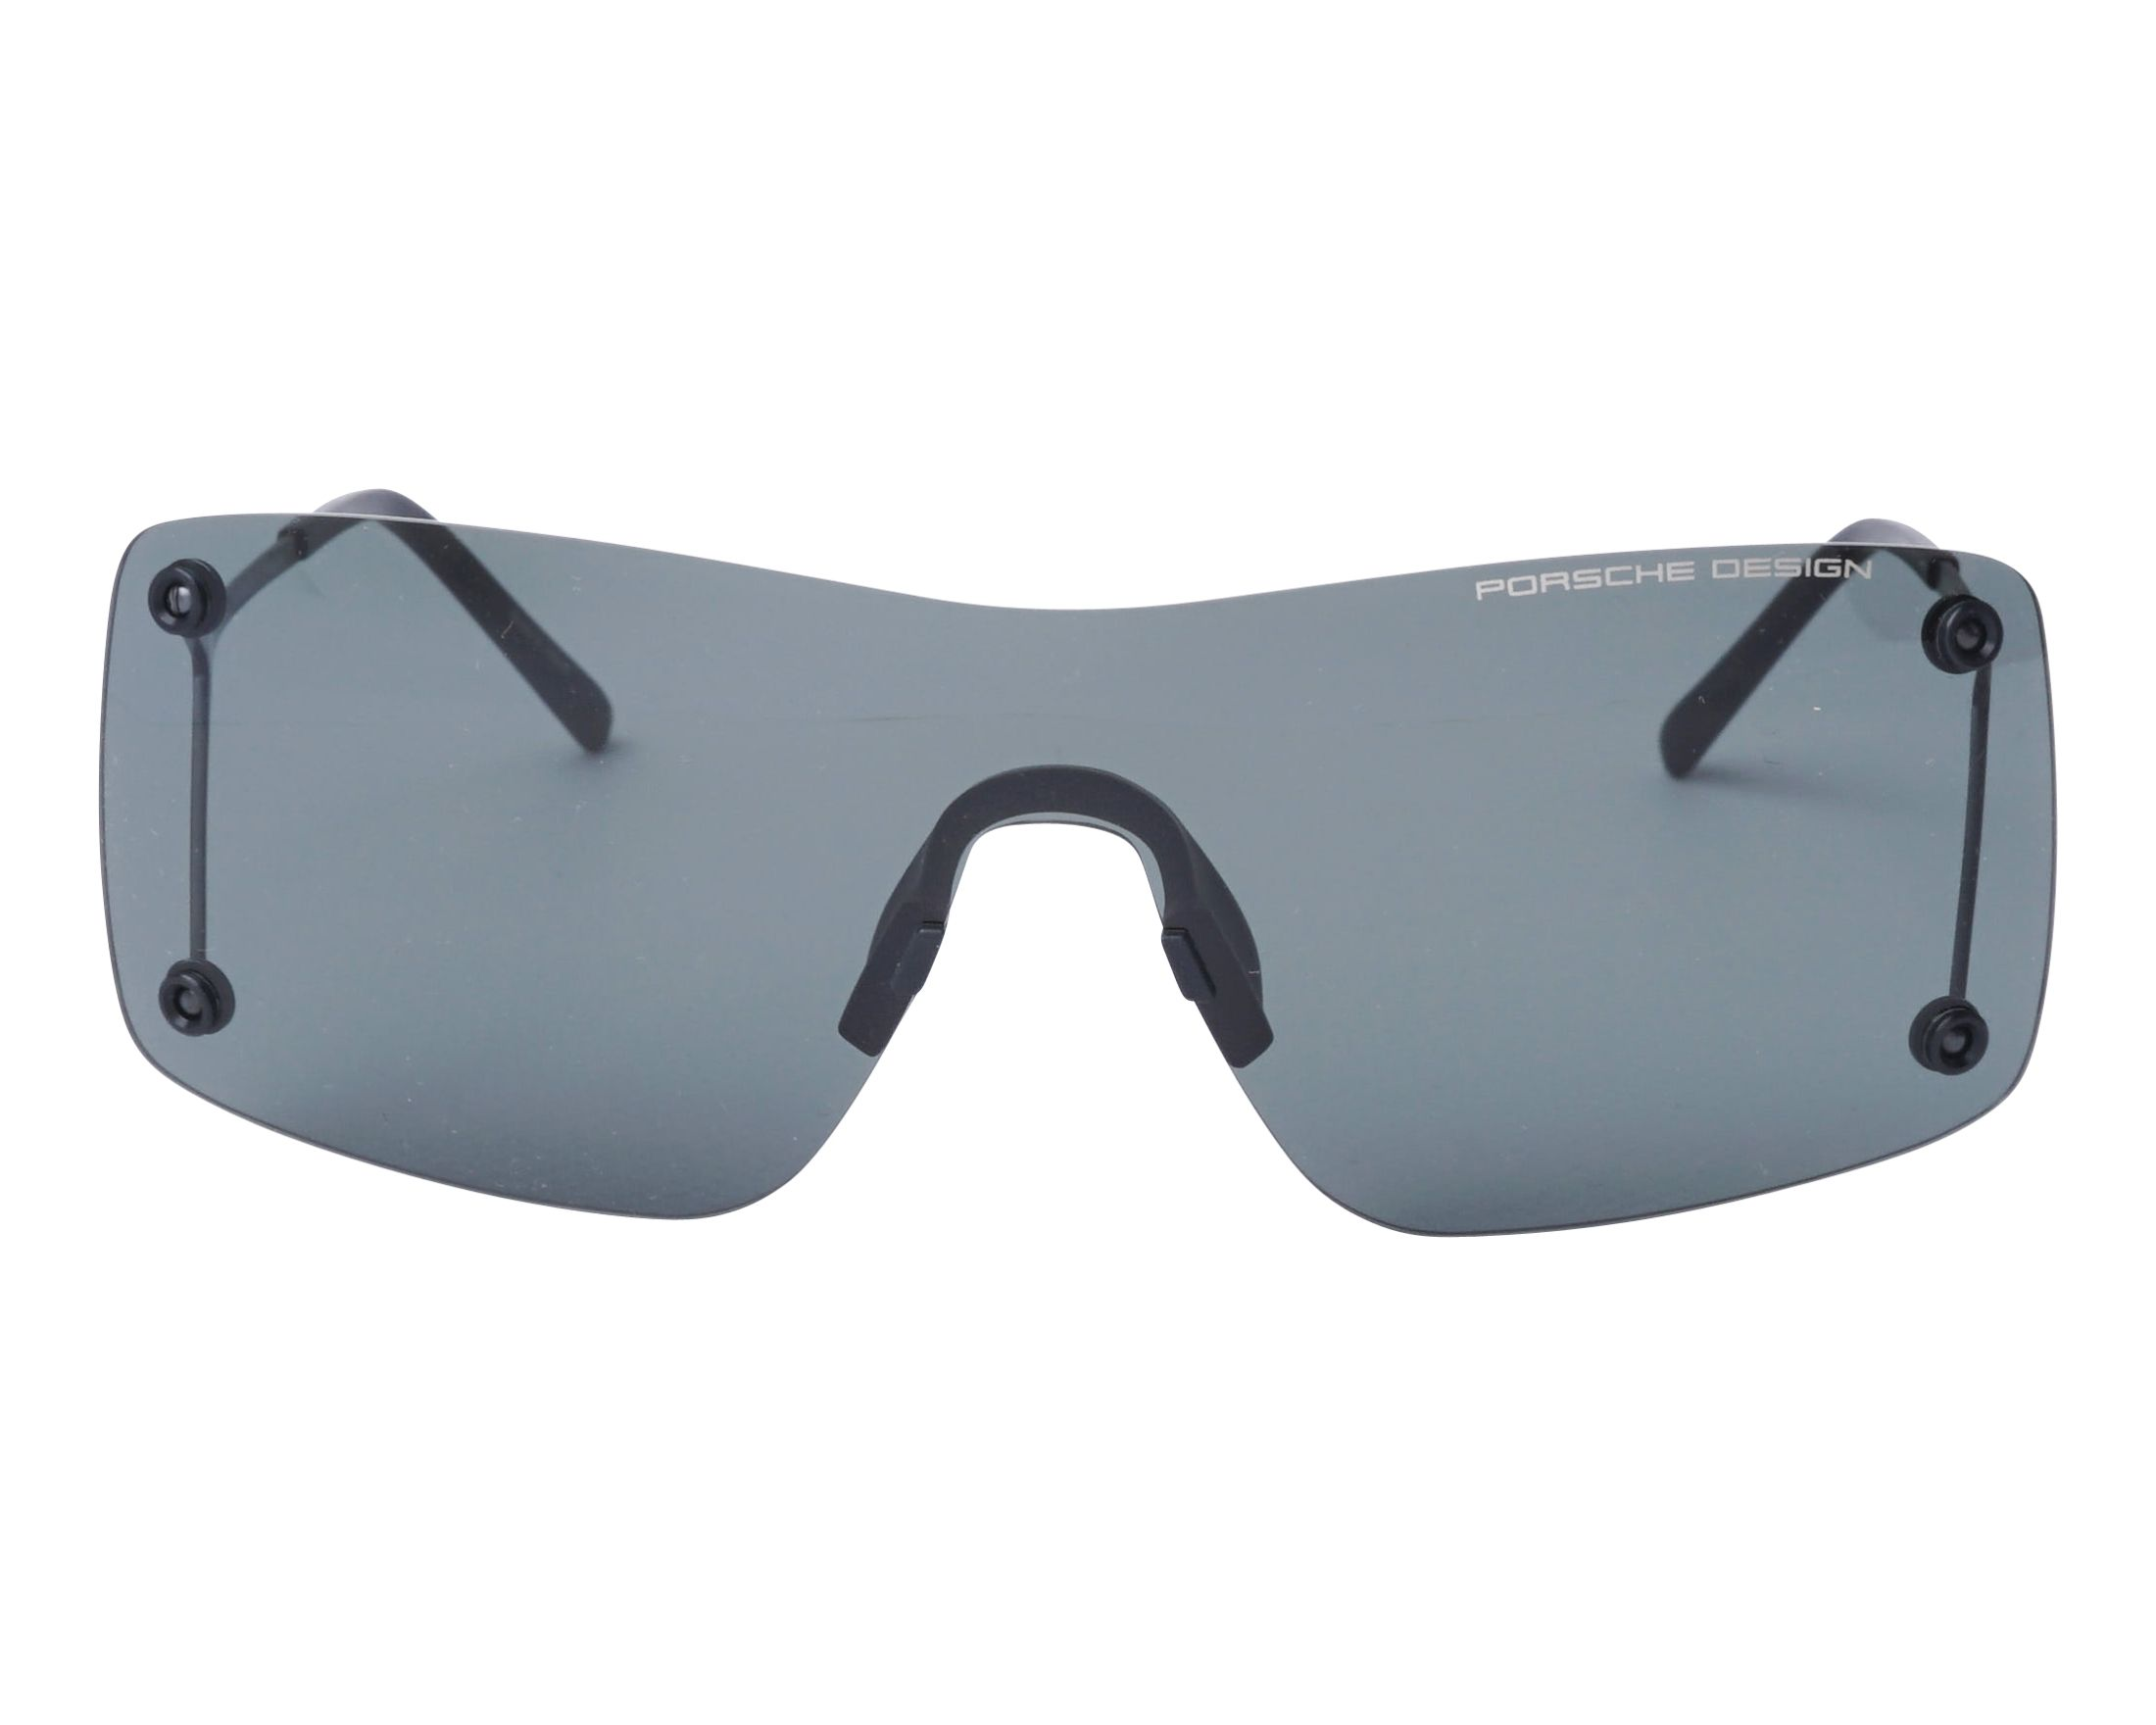 e0e2e8c4917 Sunglasses Porsche Design P-8620 C 64-16 Gun front view